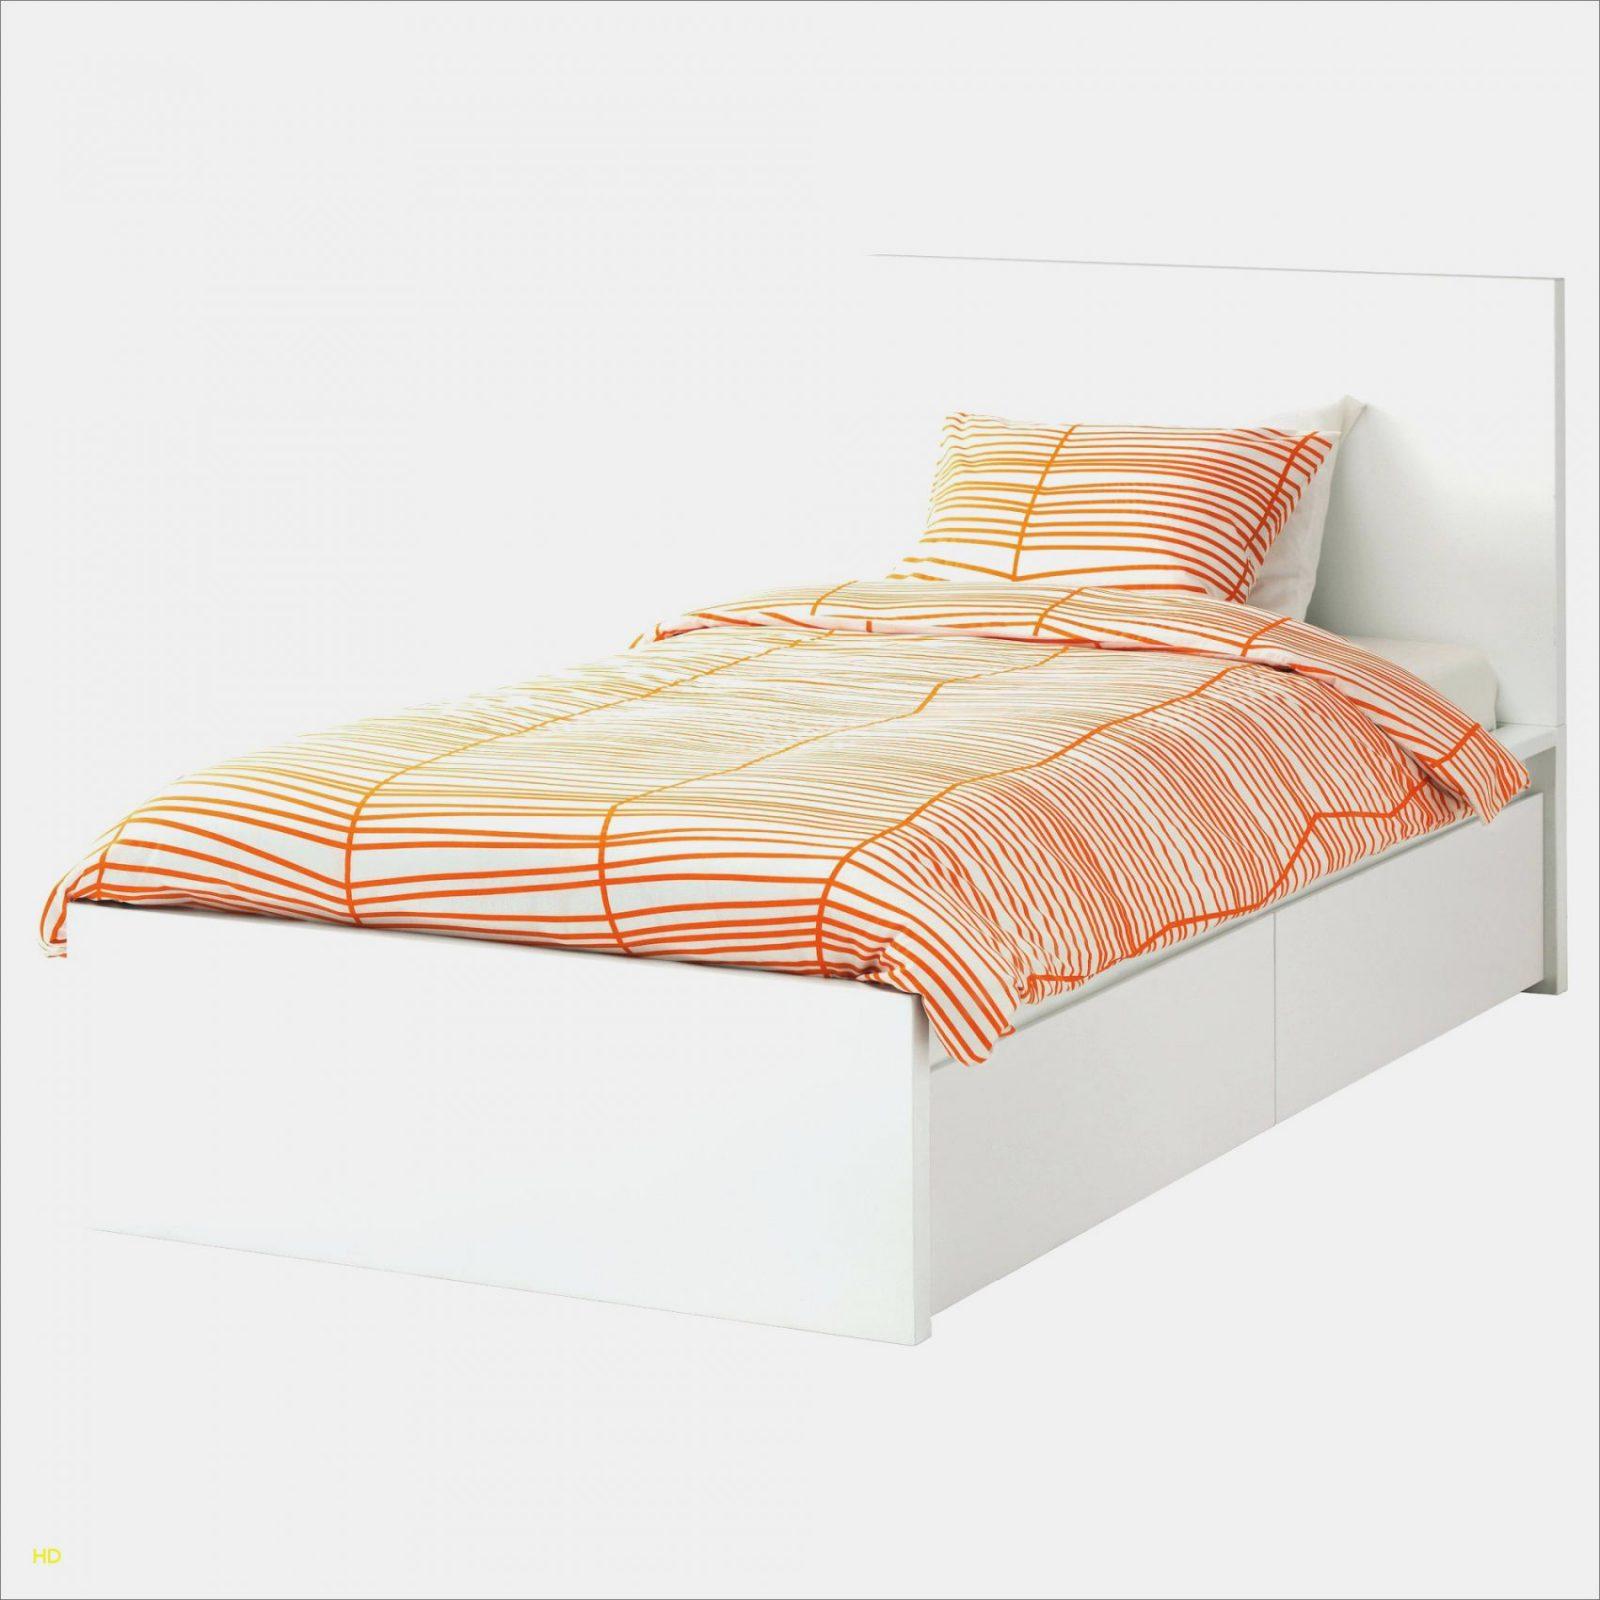 14 New Bett Dänisches Bettenlager Design Für Schreibtisch Kiefer von Bett Mit Bettkasten 180X200 Dänisches Bettenlager Bild